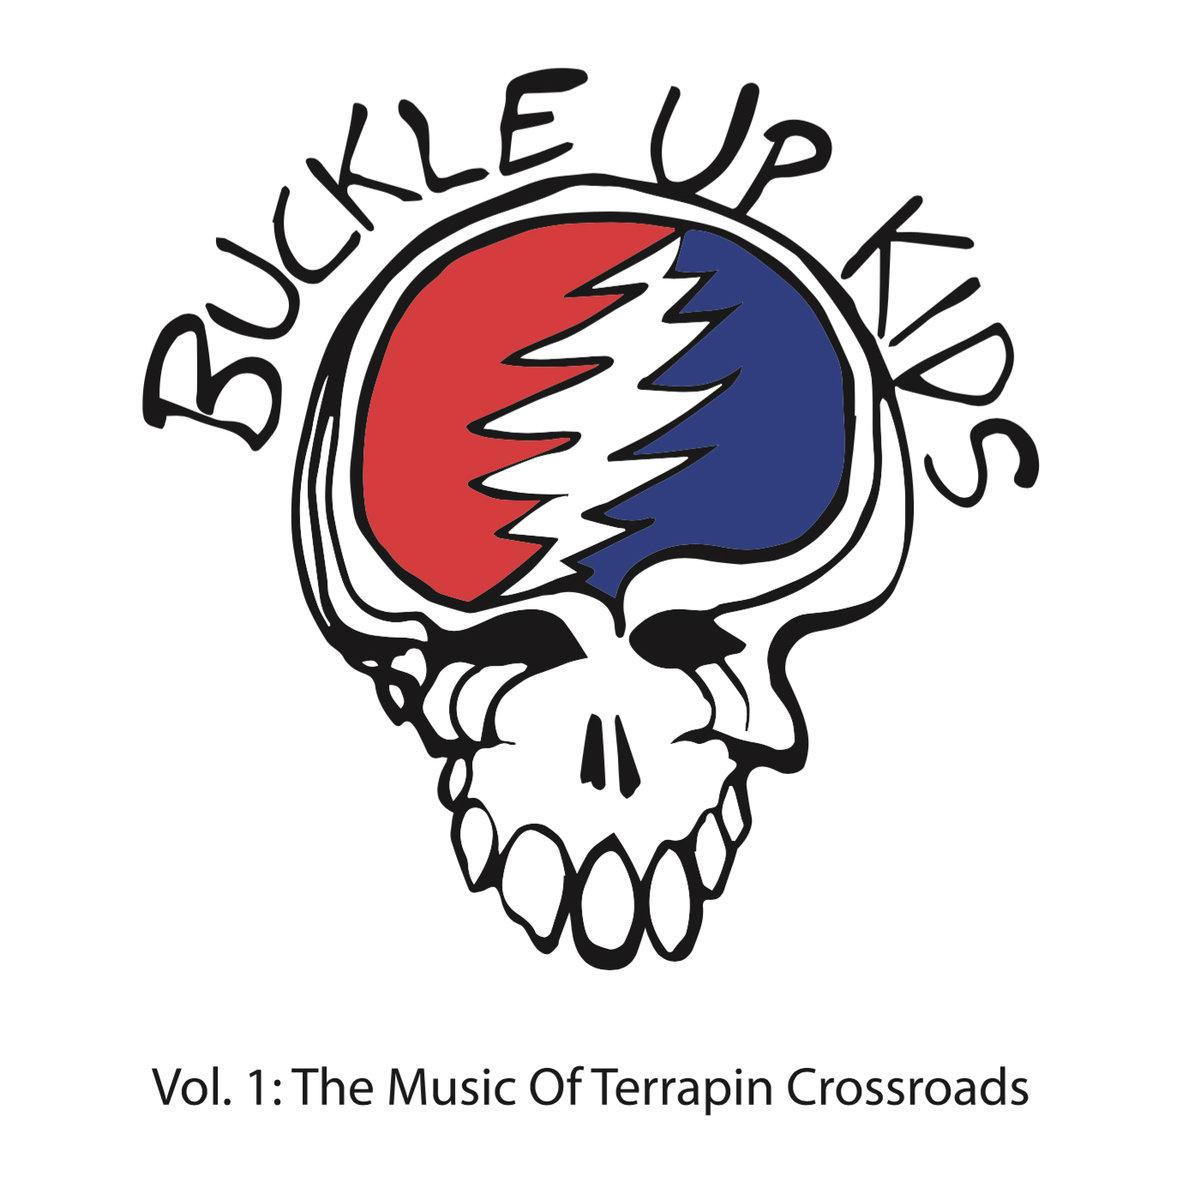 Terrapin Crossroads - Buckle Up Kids Volume 1